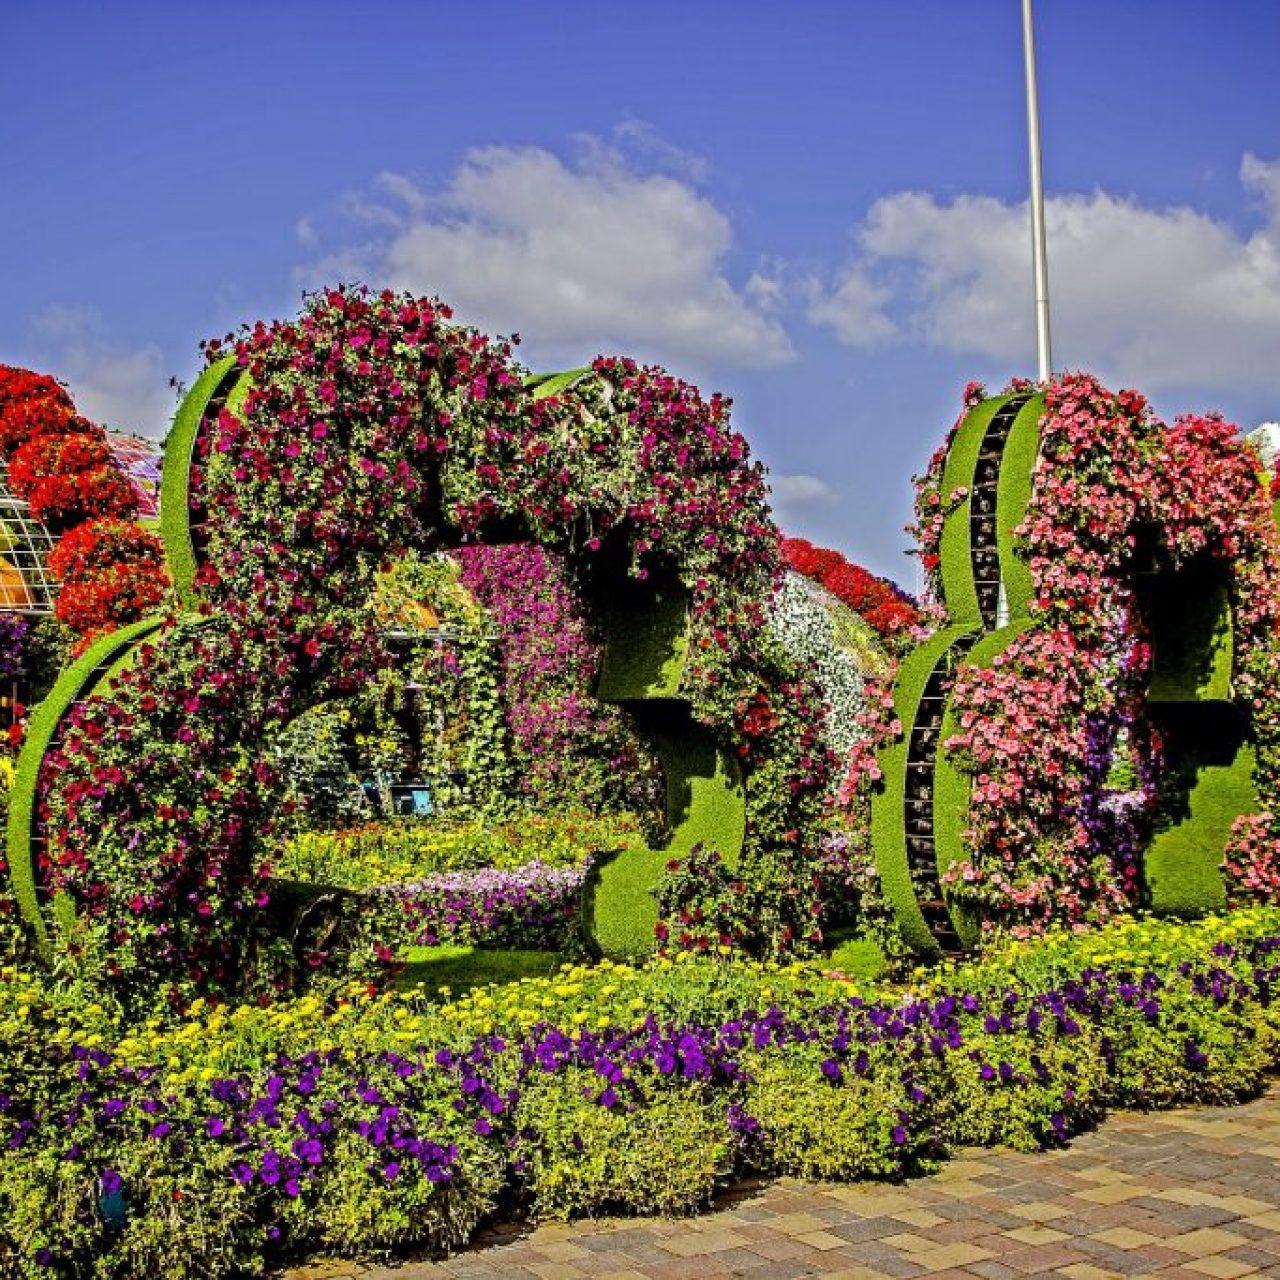 miracle garden dubai 3686191 1920 1 Snazzy Trips